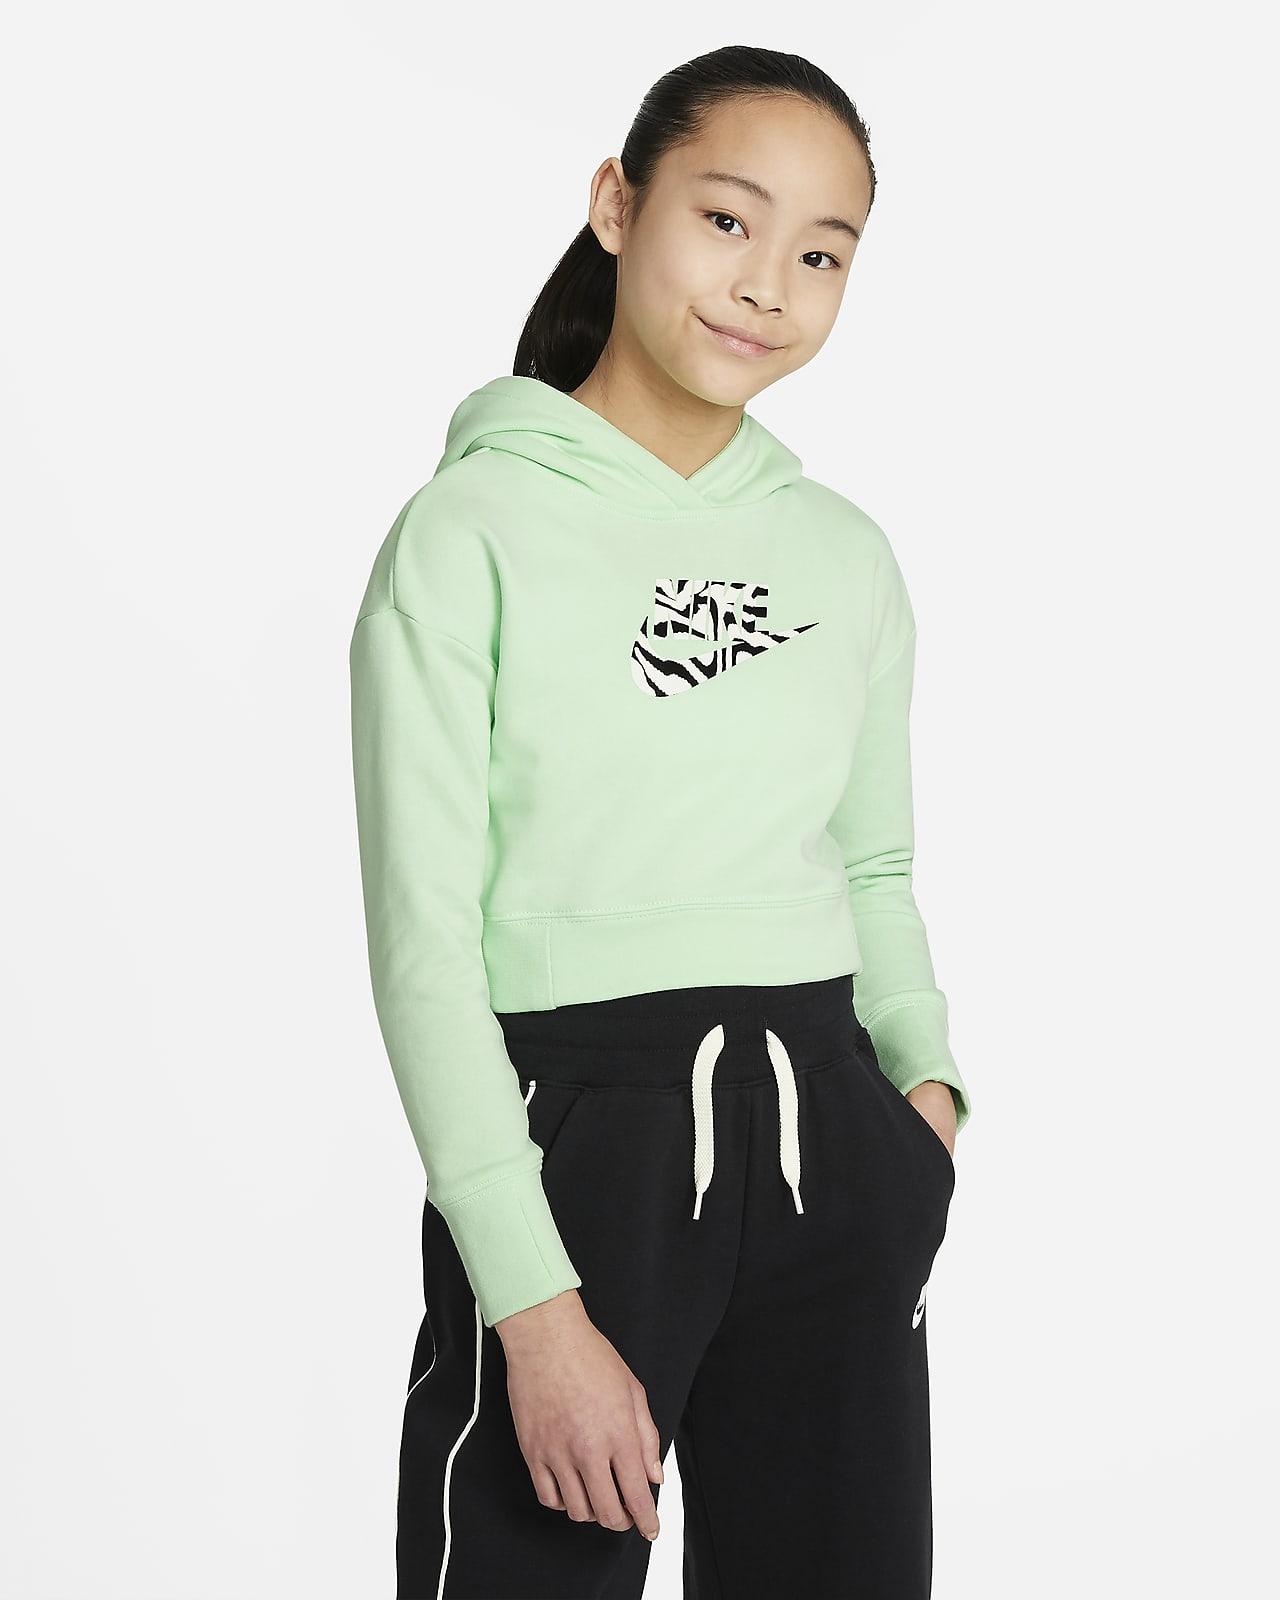 Nike Sportswear rövidített kapucnis pulóver nagyobb gyerekeknek (lányok)